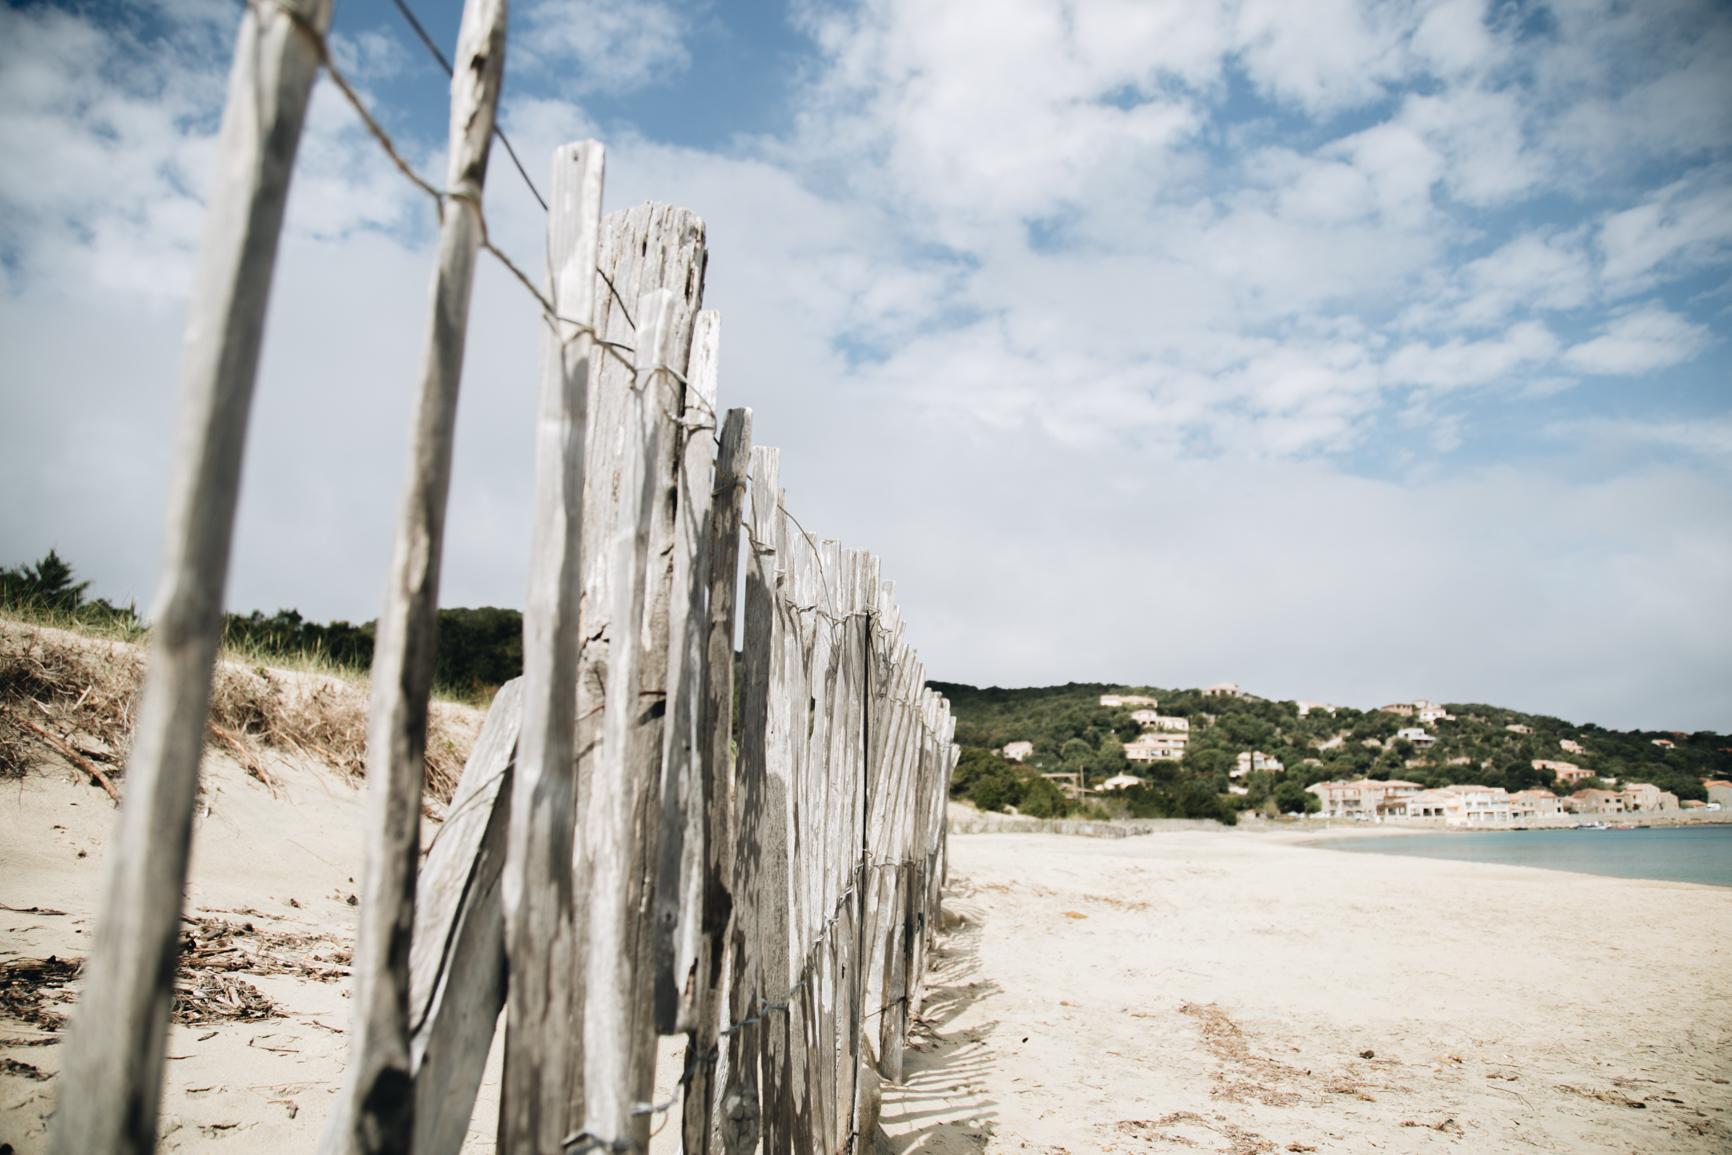 Campomoro-sentier-littoral-blog-voyage-corse-onmyway.jpg